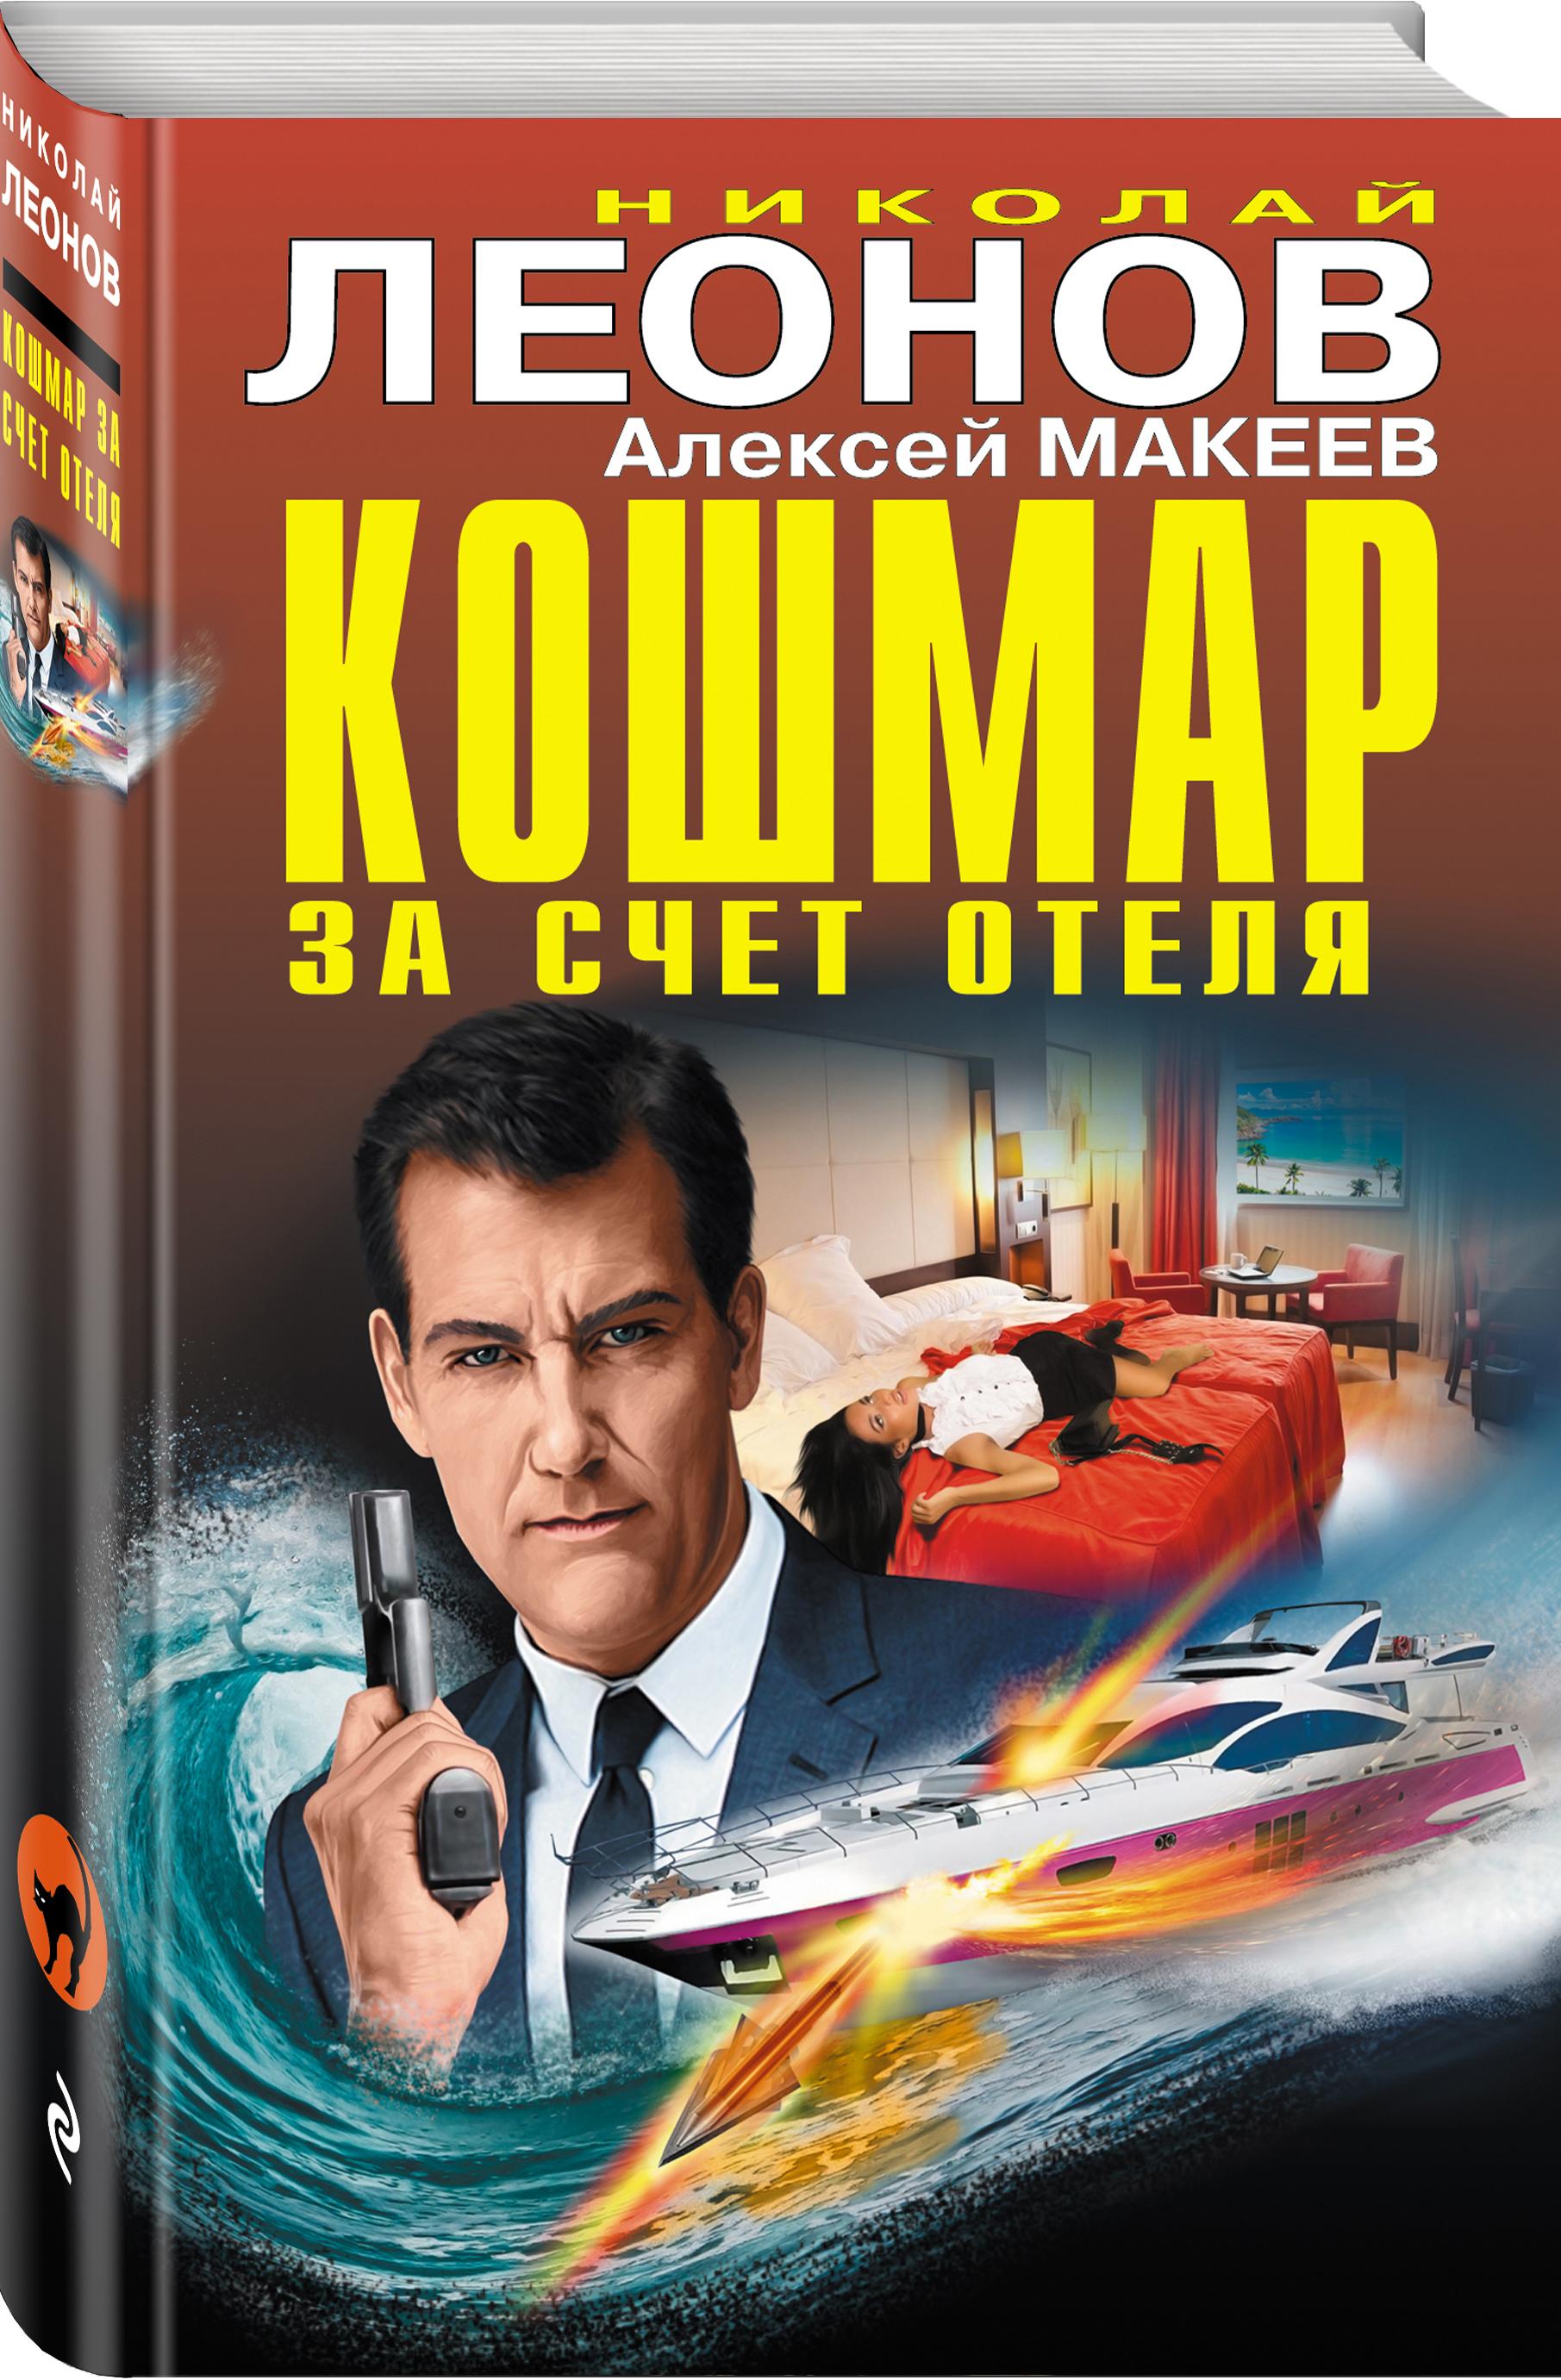 Николай Леонов, Алексей Макеев Кошмар за счет отеля